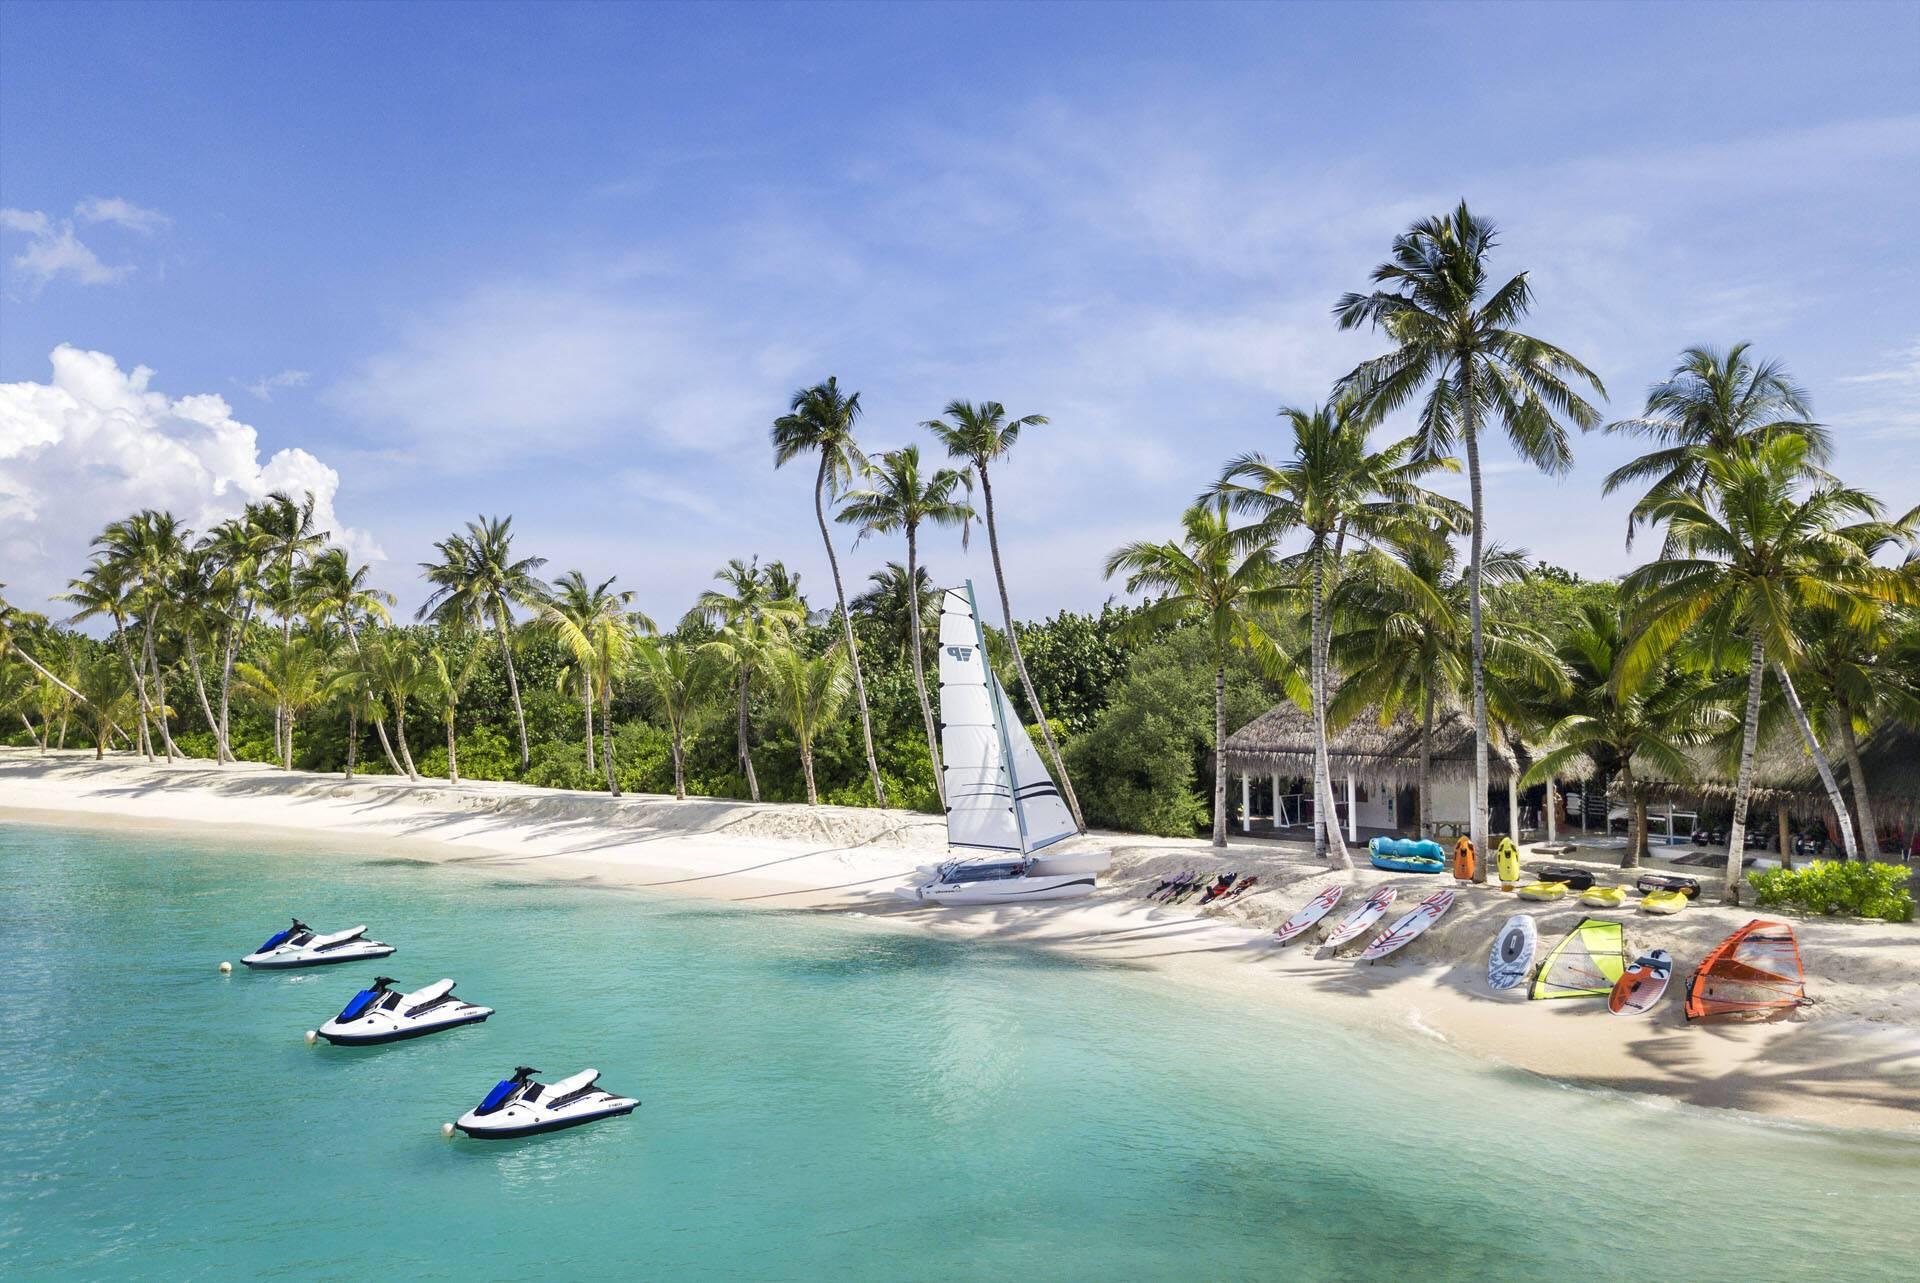 JW Marriott Maldives Water Sport